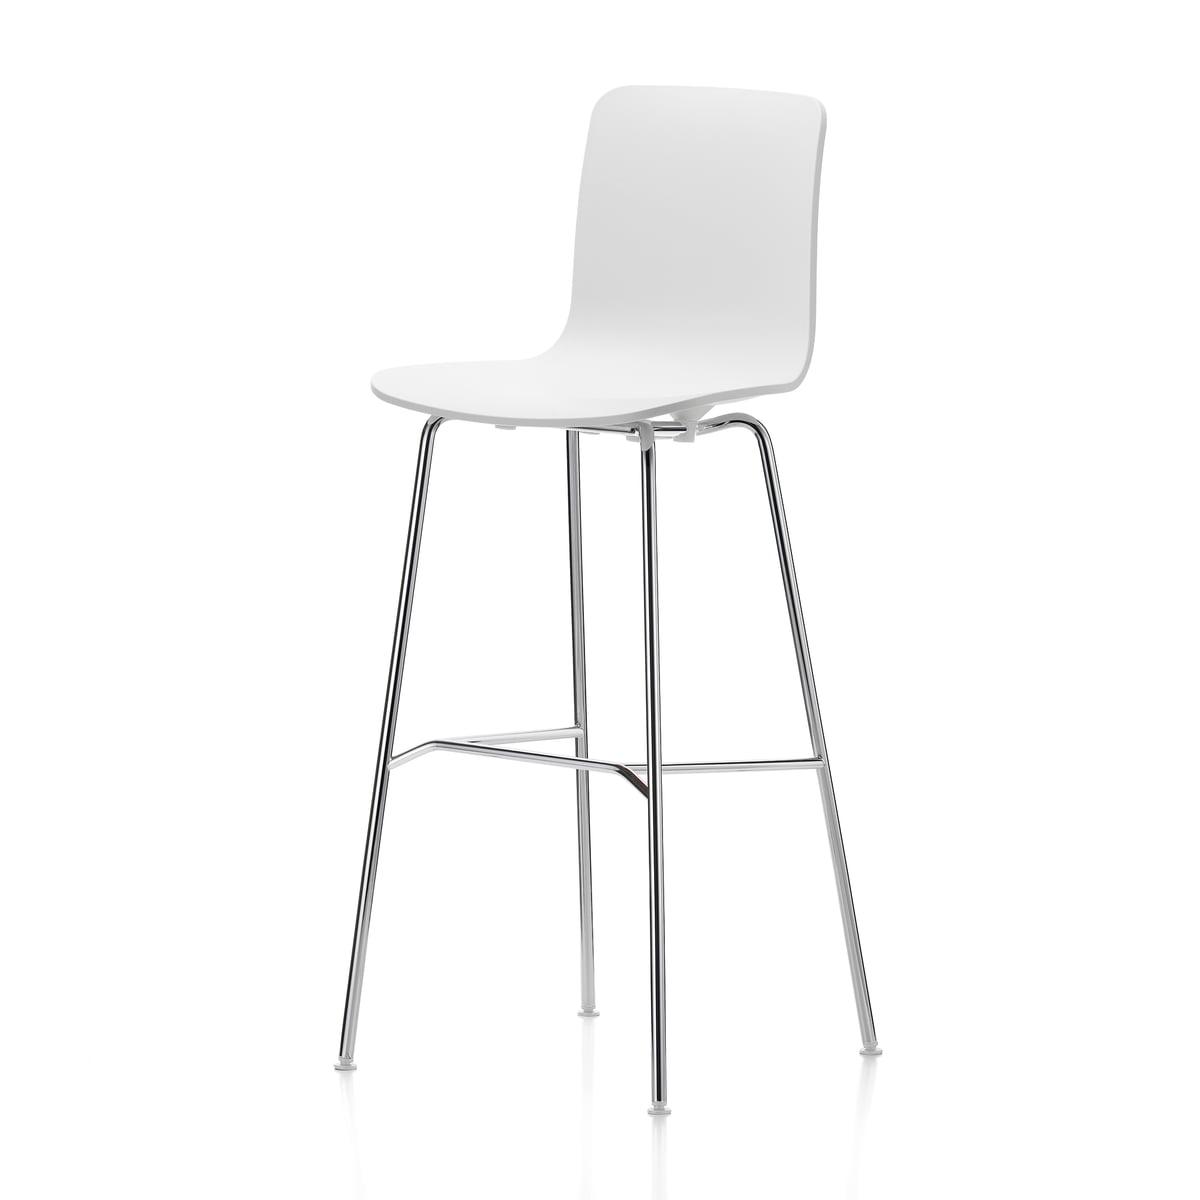 Vitra - Hal Barhocker, hoch, weiß / chrom / Kunststoffgleiter | Küche und Esszimmer > Bar-Möbel | Vitra